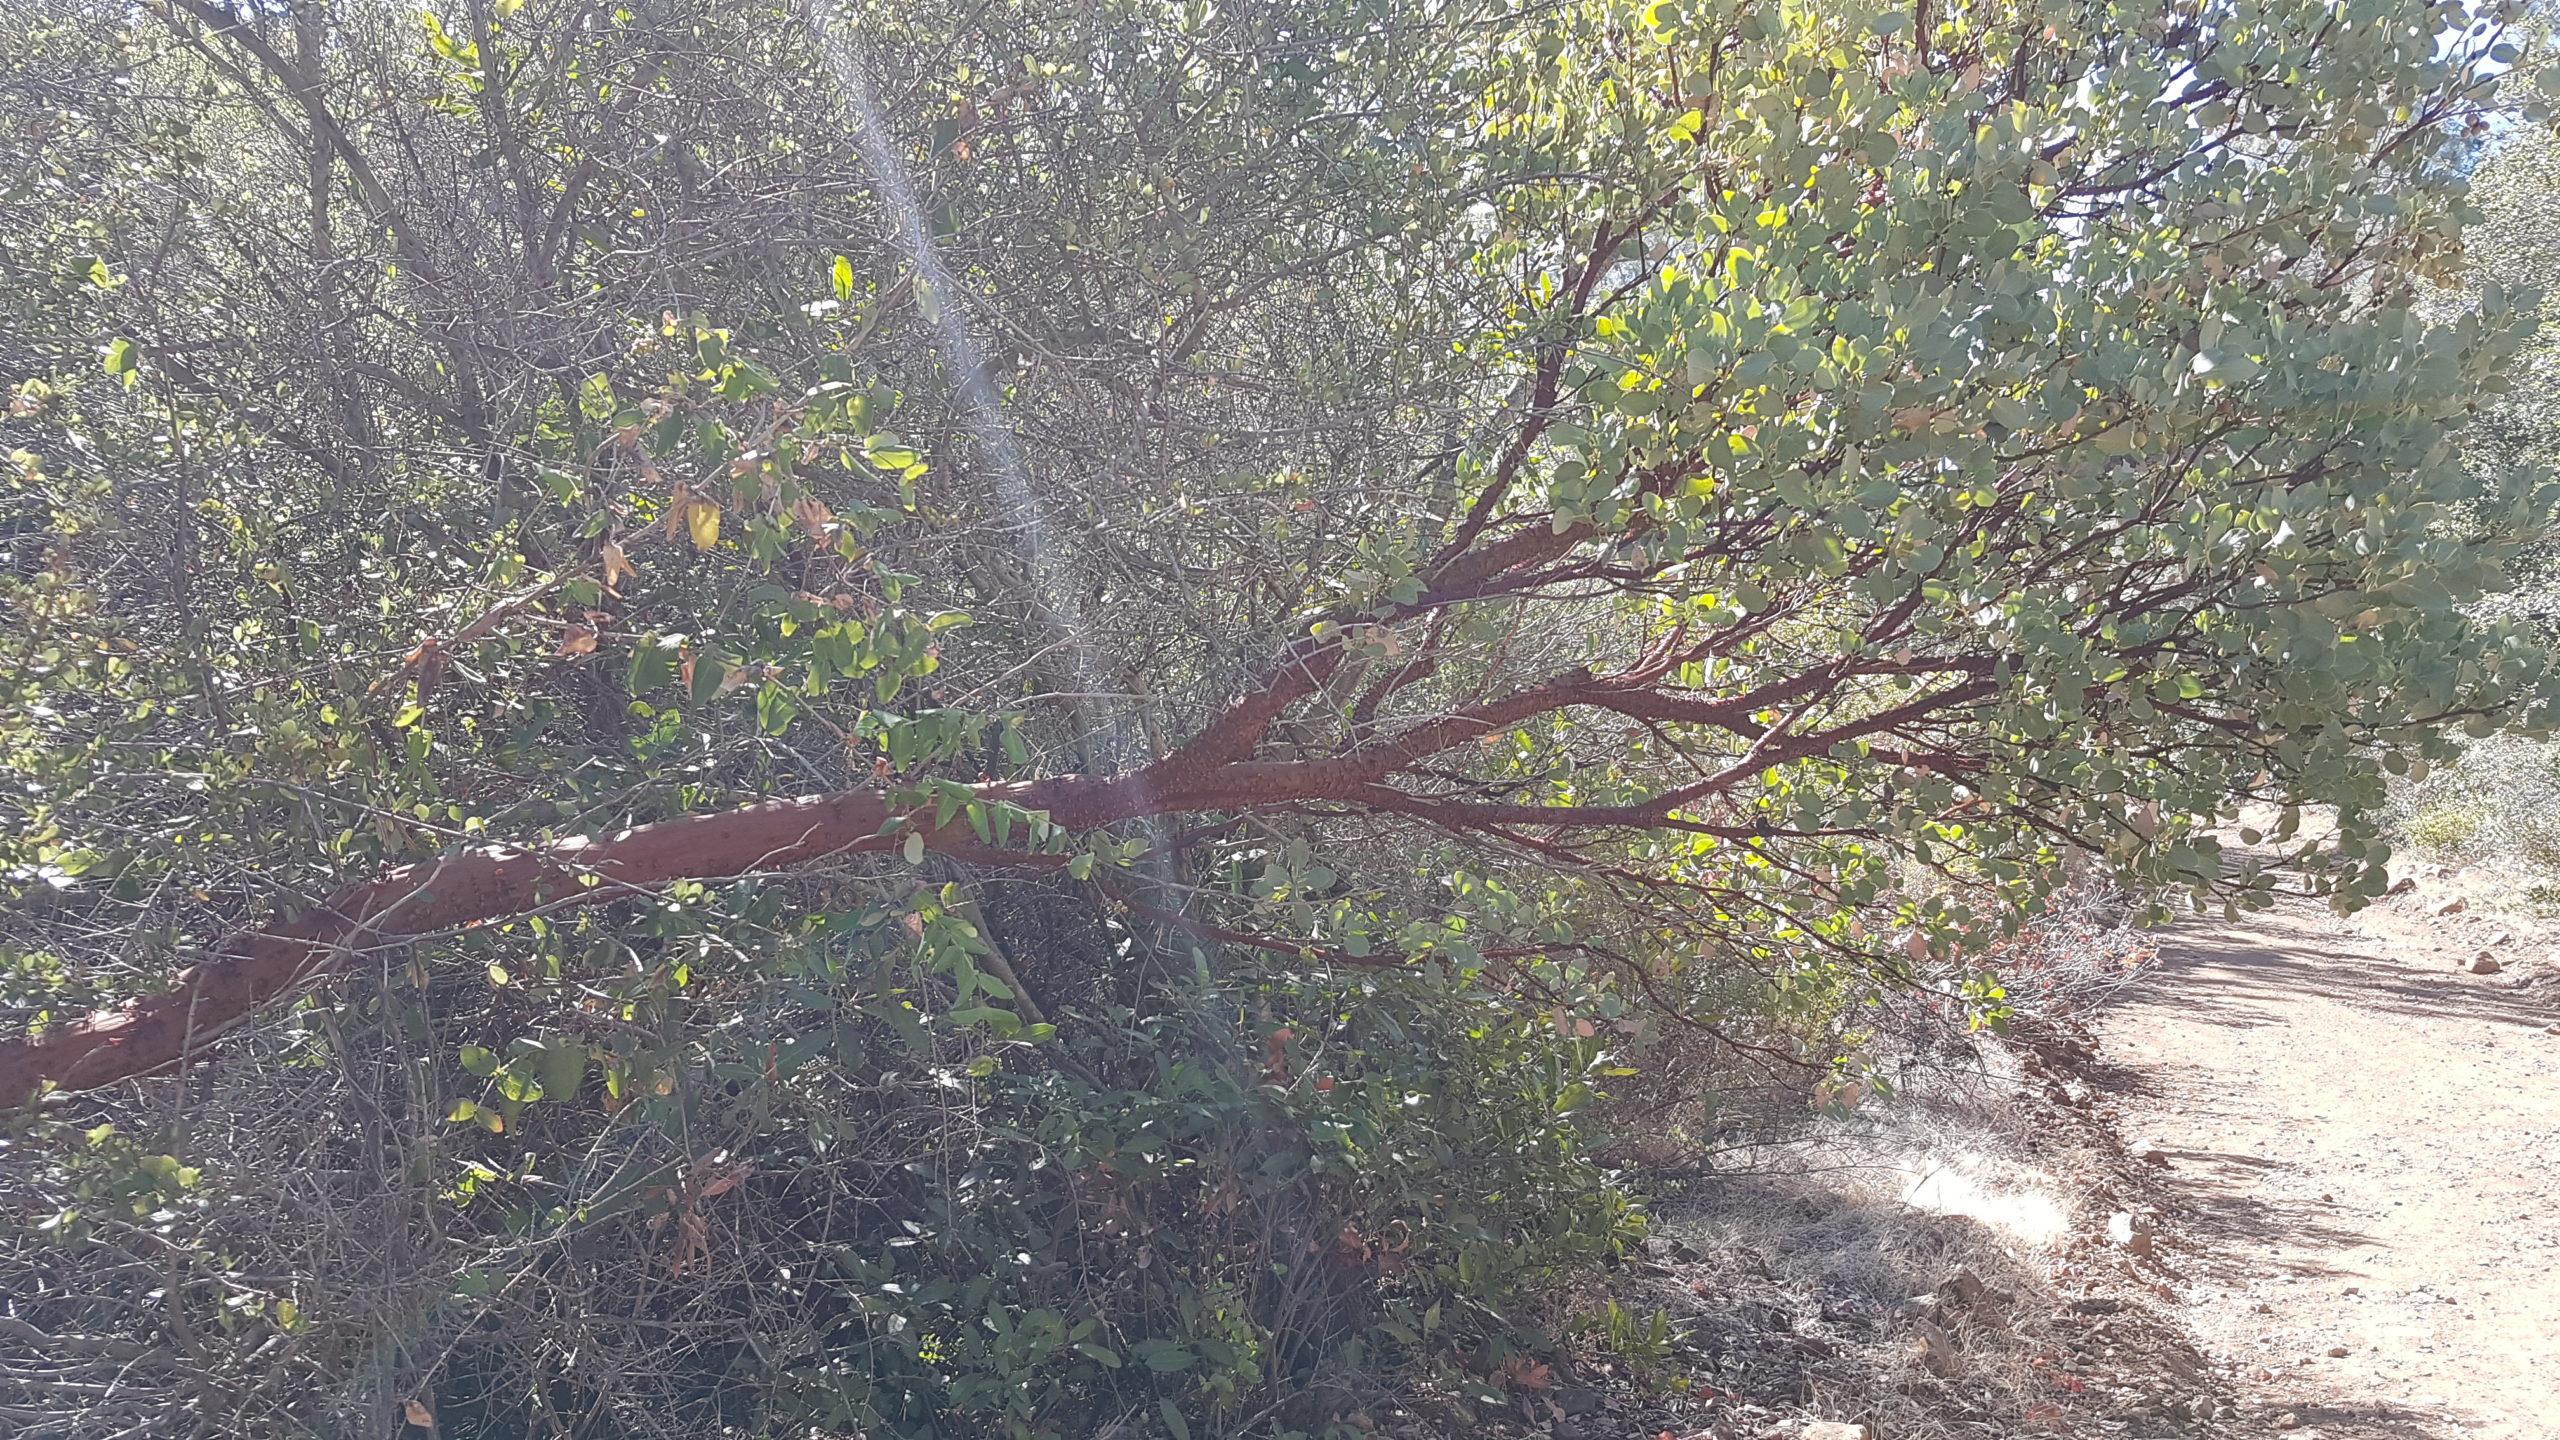 De drôles d'arbres à l'écorce rouge que nous avons croisé à plusieurs endroits.